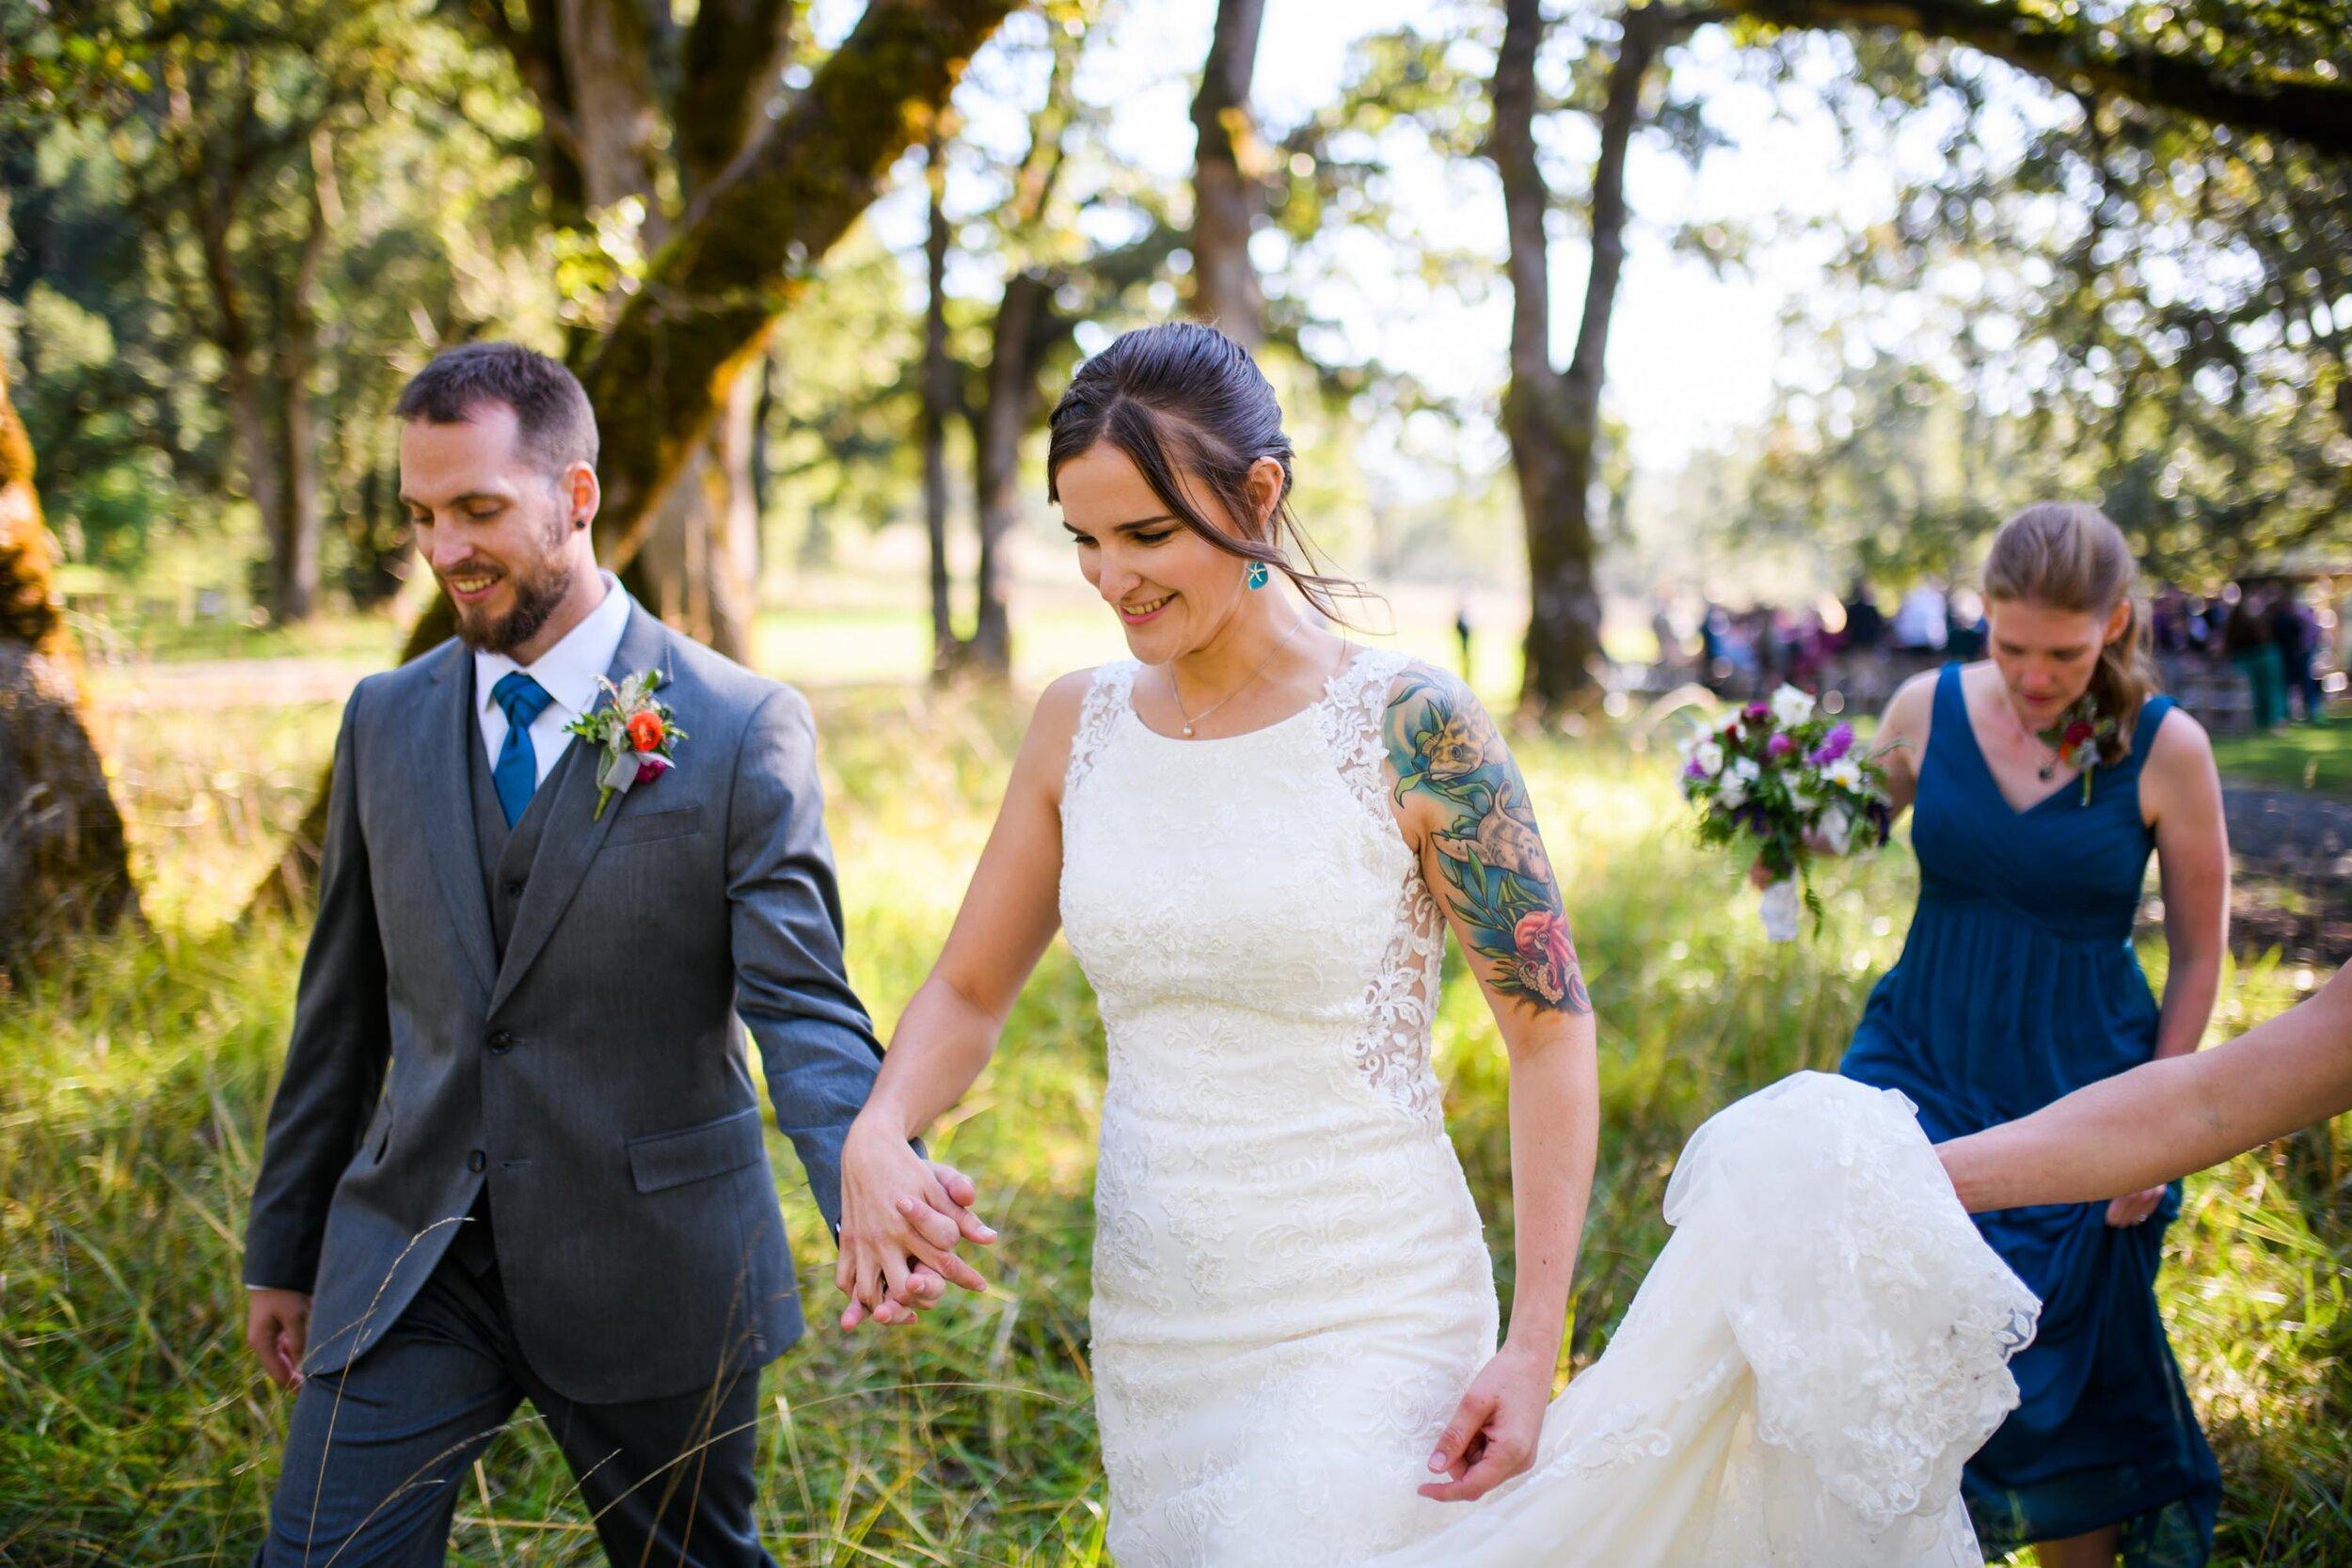 Mt. Pisgah Arboretum wedding photos 85.JPG